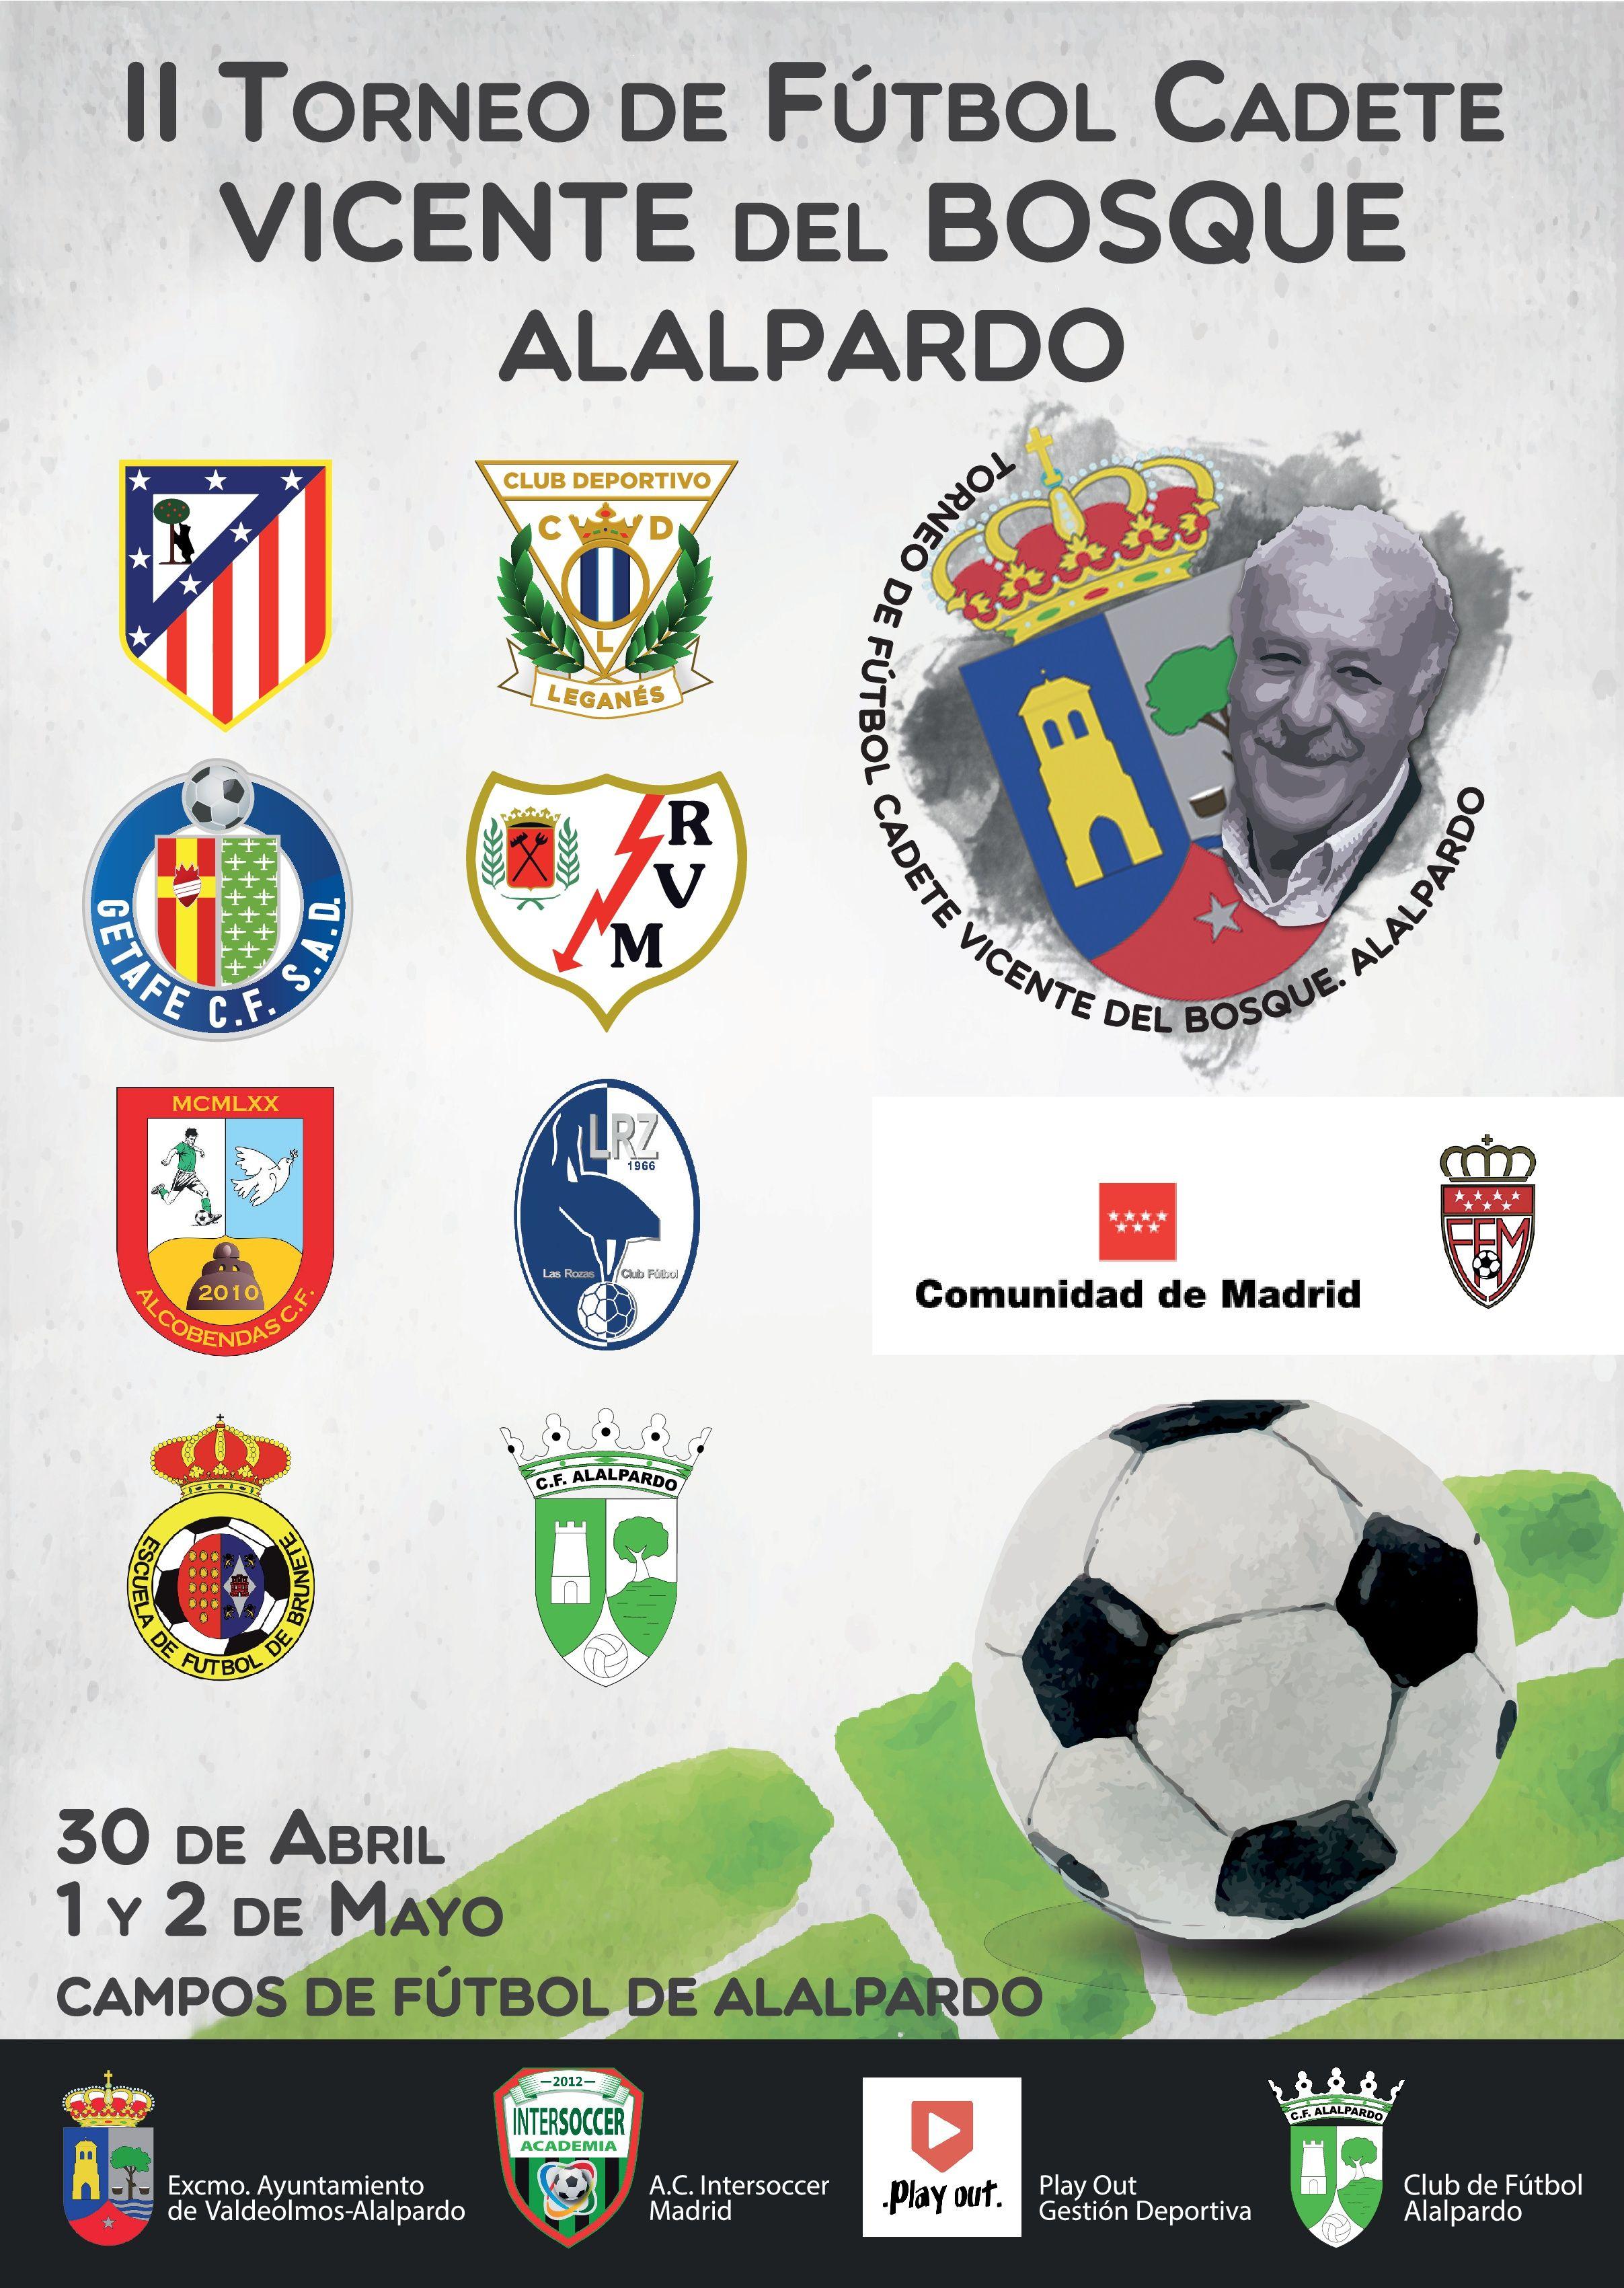 II Torneo de Futbol Cadete Vicente del Bosque. Alalpardo